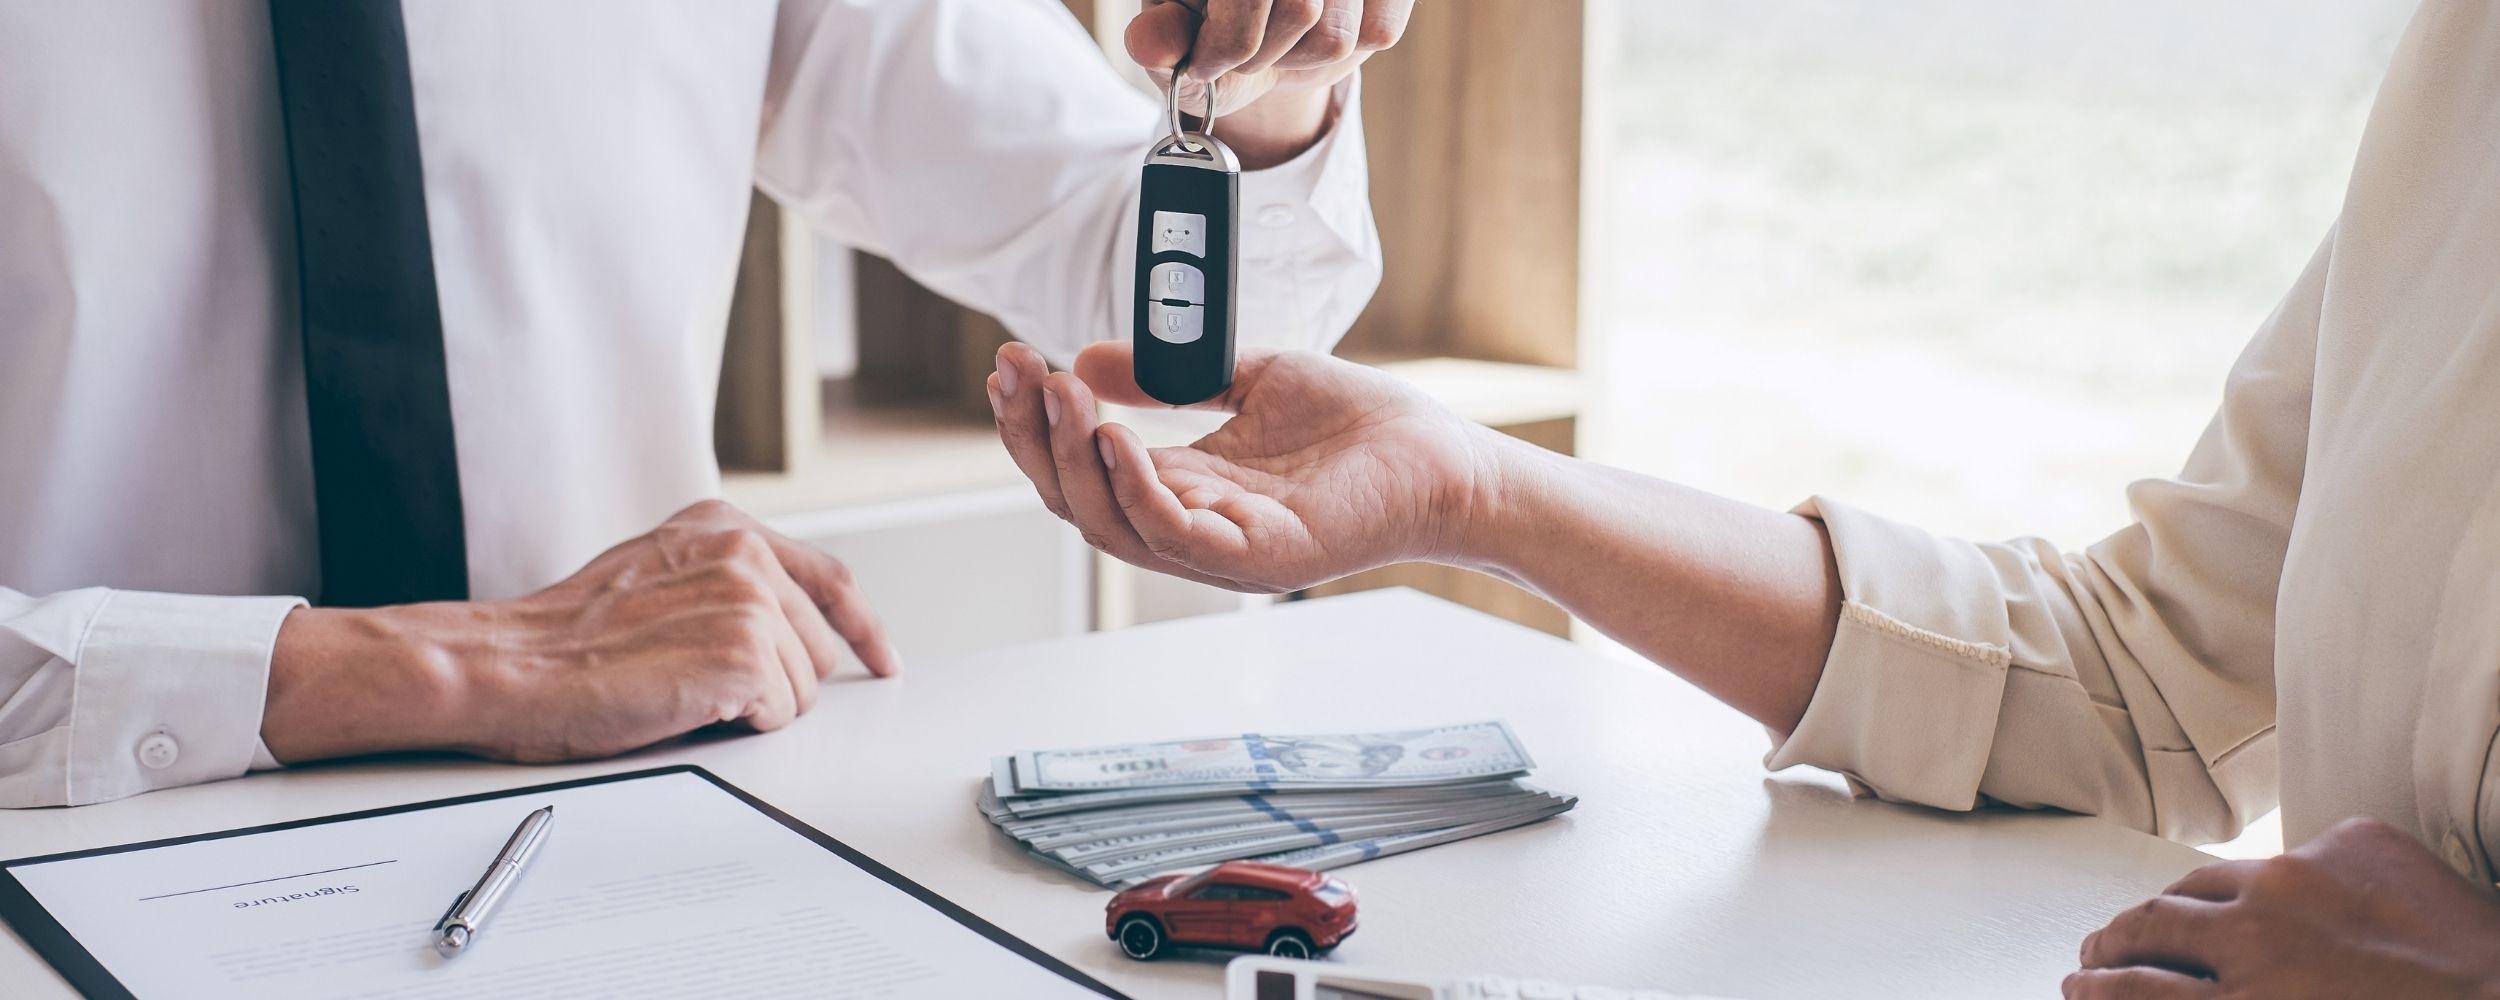 Finanzdienstleistungen im Automobilsektor dargestellt als Verkauf eines Fahrzeugs an eine Kundin